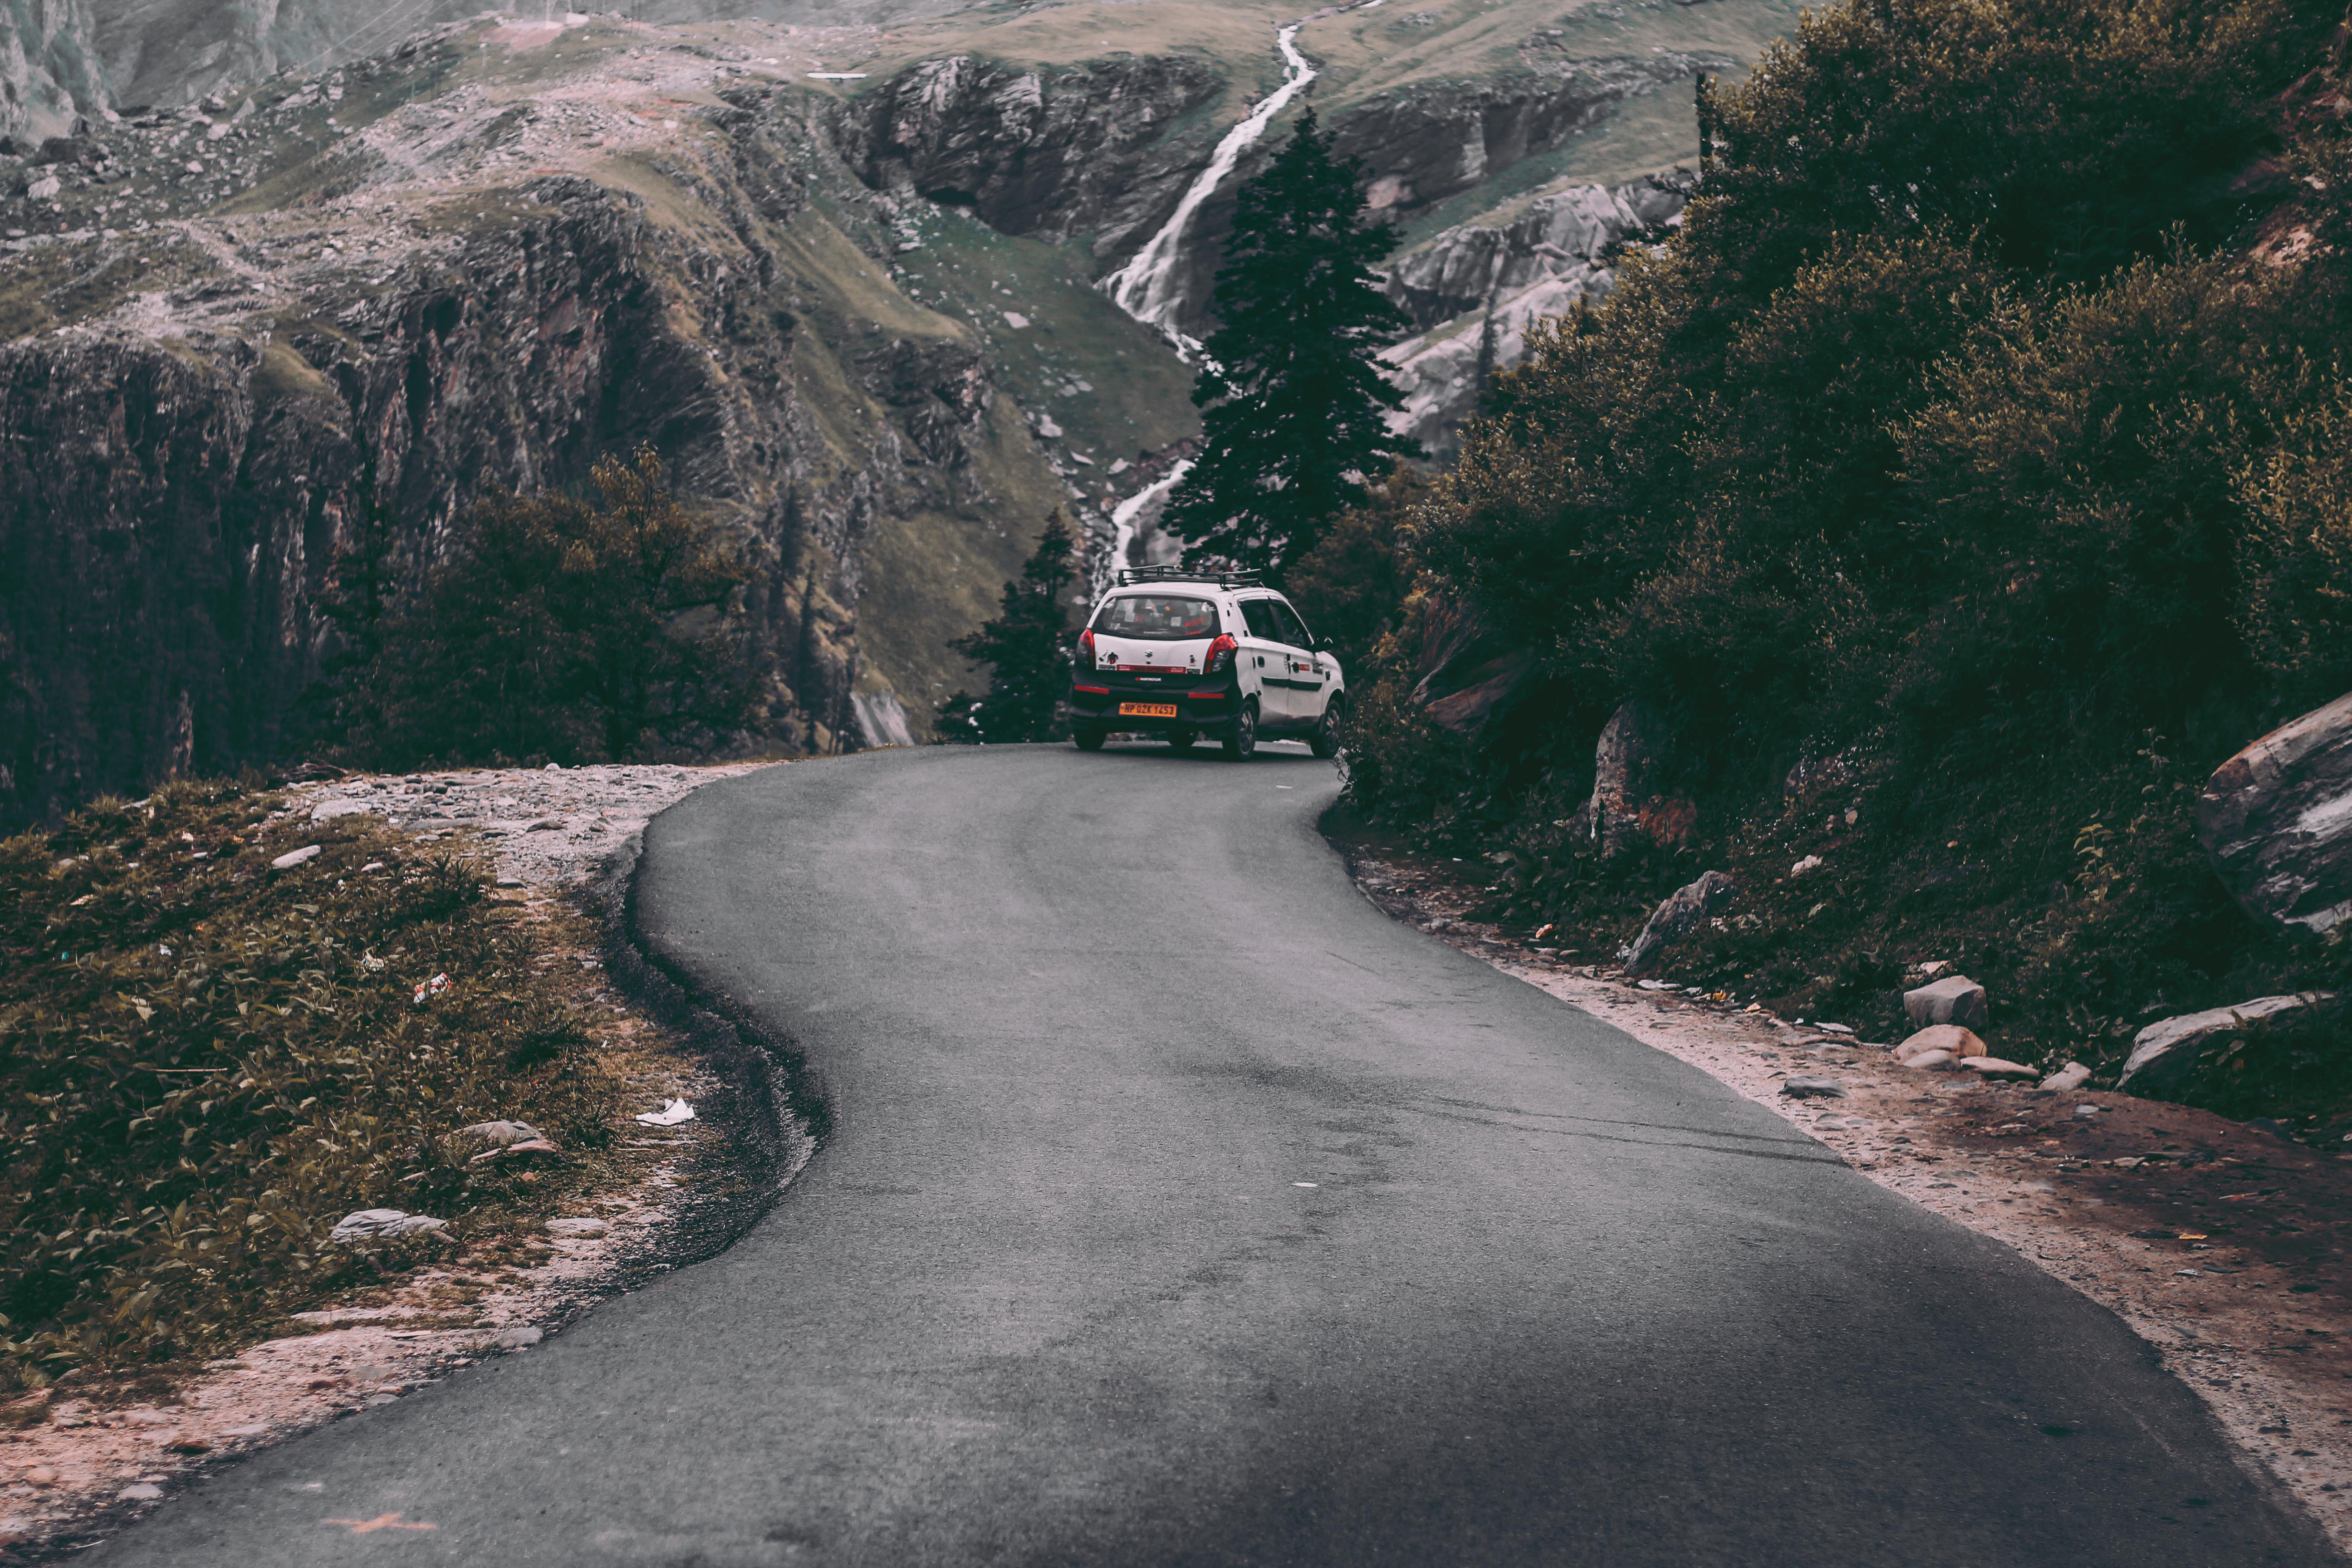 Vehicle on Road Near Mountain